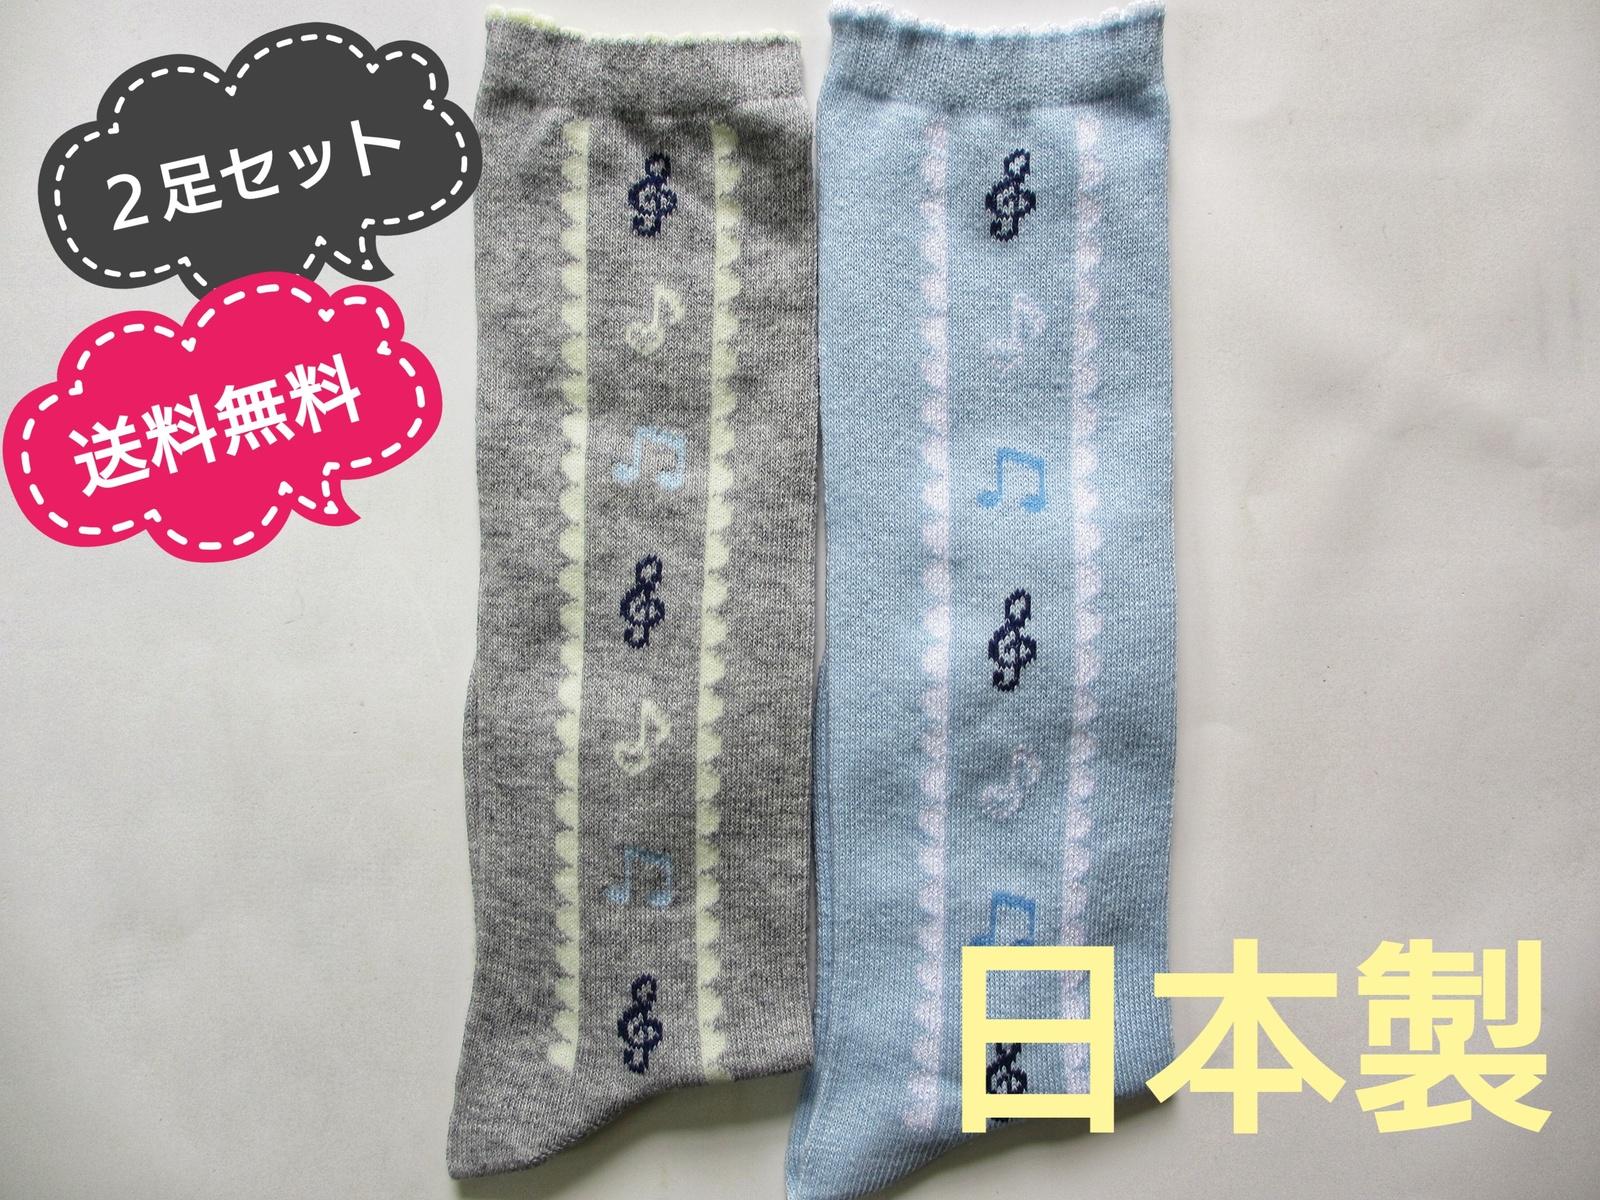 ヤマモトソックス 国内即発送 予約販売品 日本製 2足セット 送料無料 子供 靴下 19~22cm キッズ 子供用靴下 音符柄ラメ入りハイソックス16~18cm 女の子